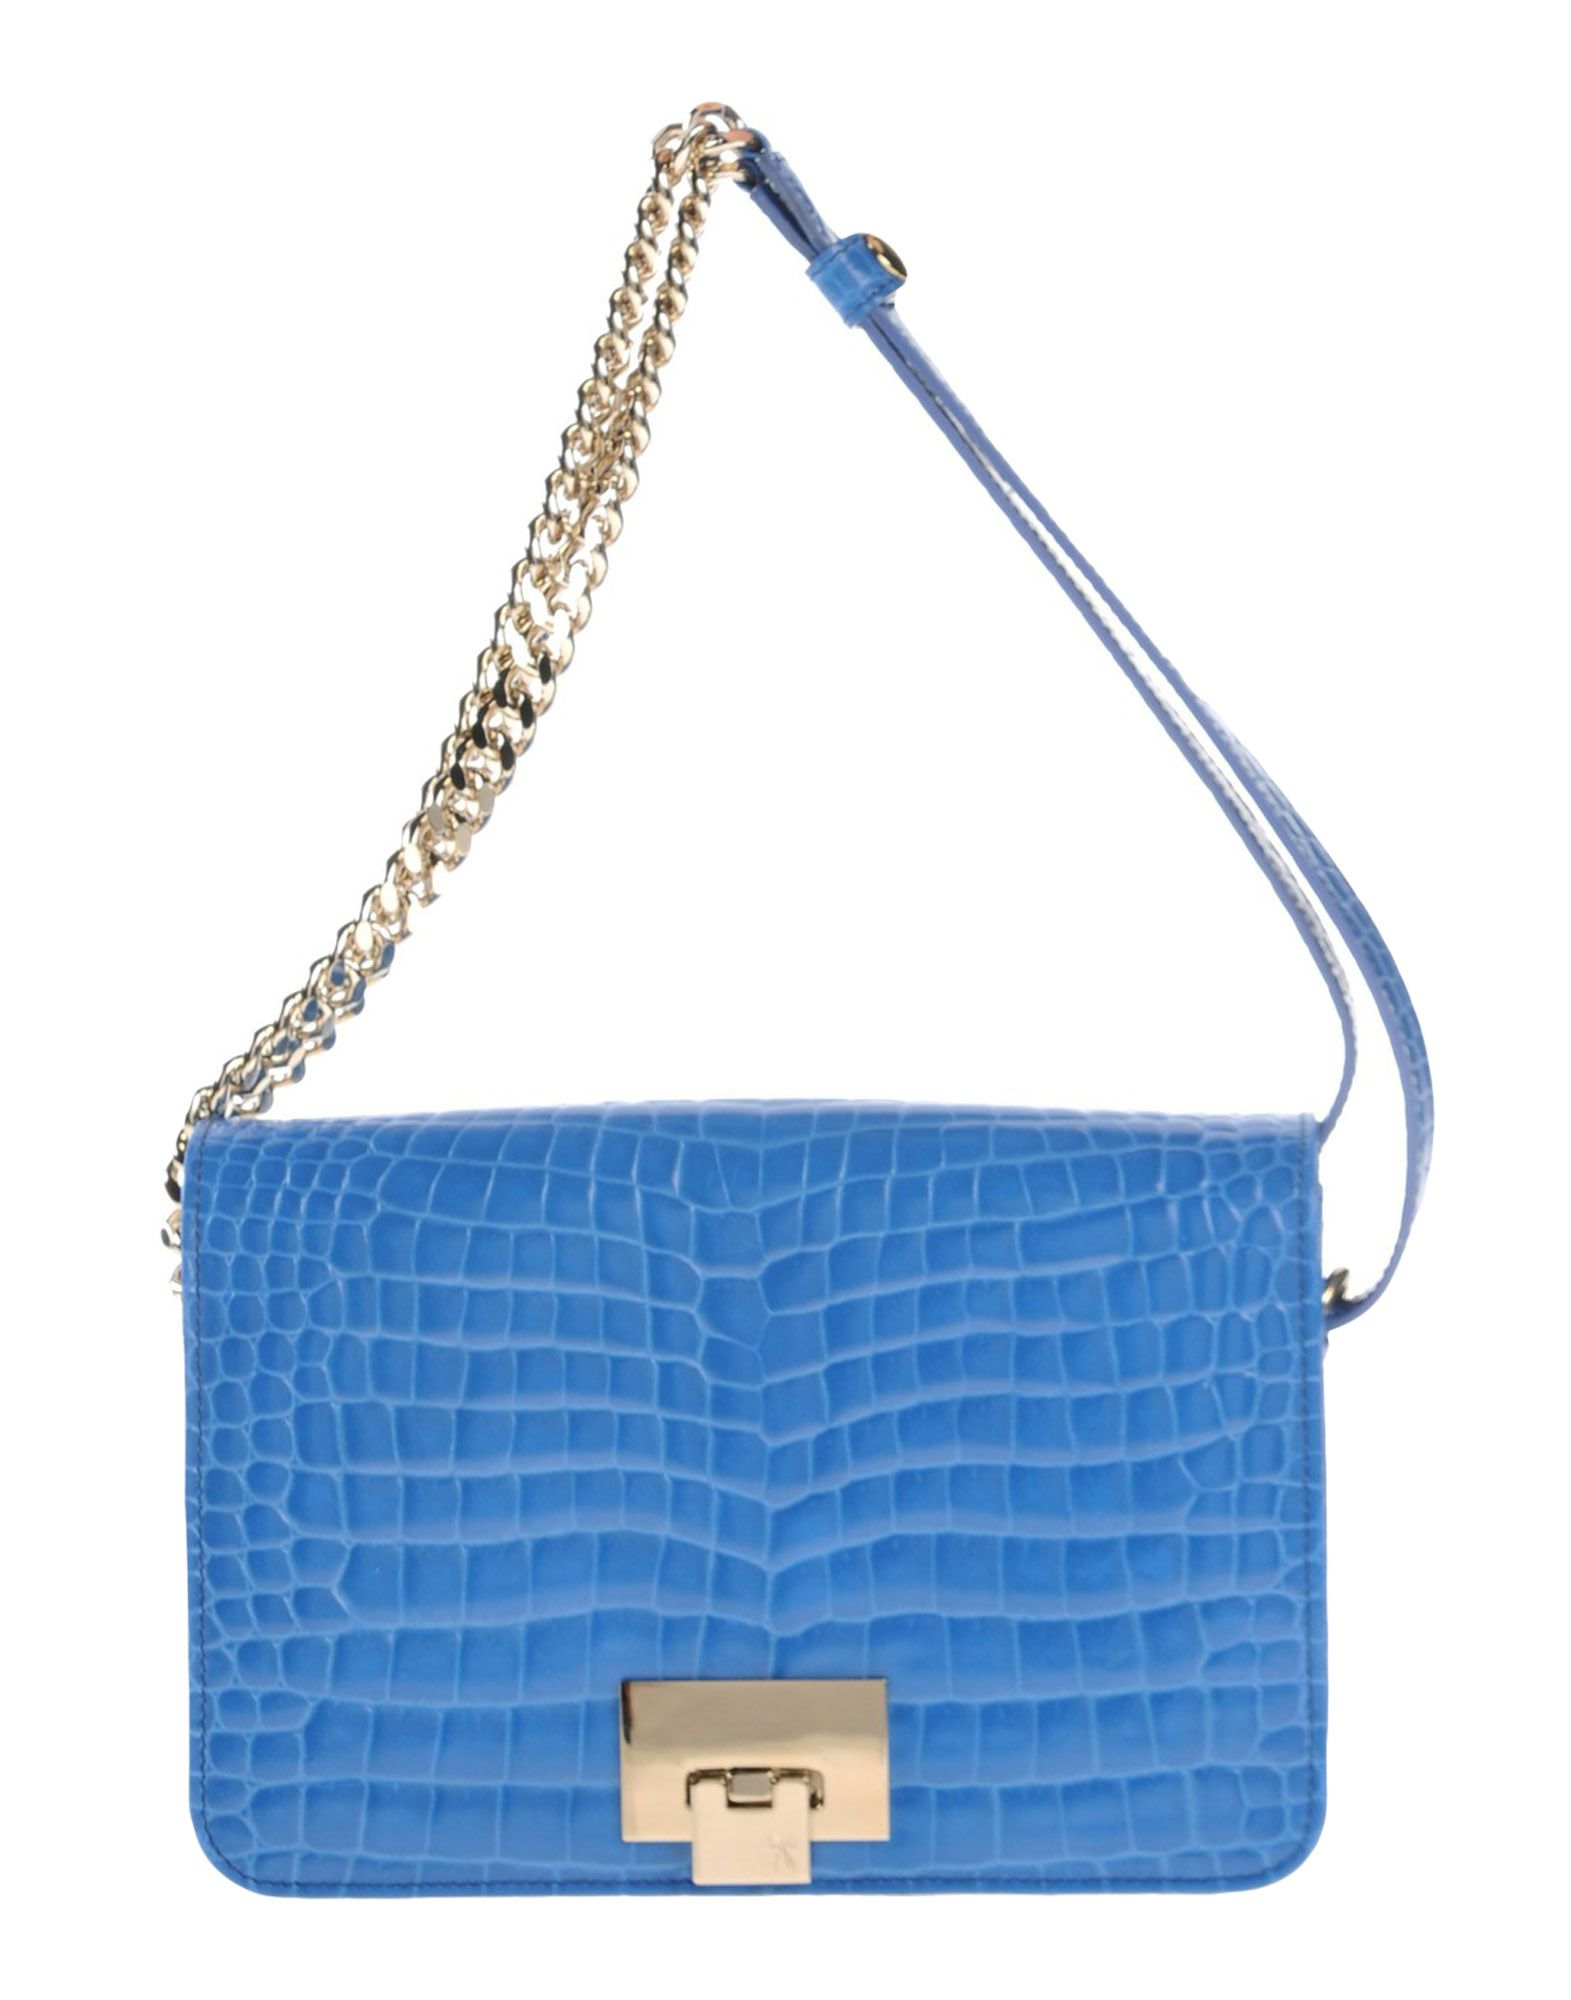 AZZURRA GRONCHI Handbag in Azure